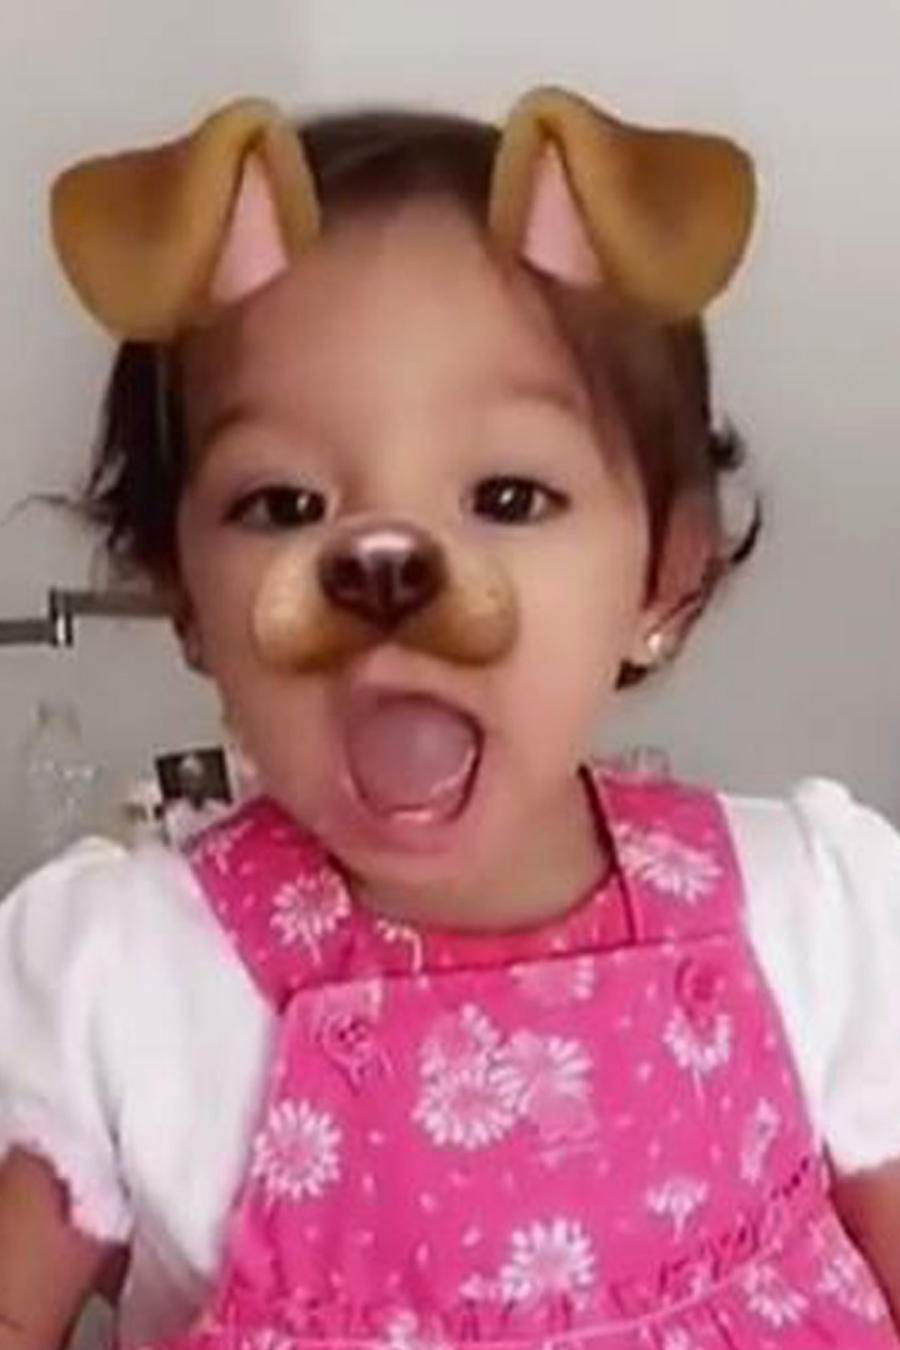 Alaia entra en Snapchat y rompe todos los récords